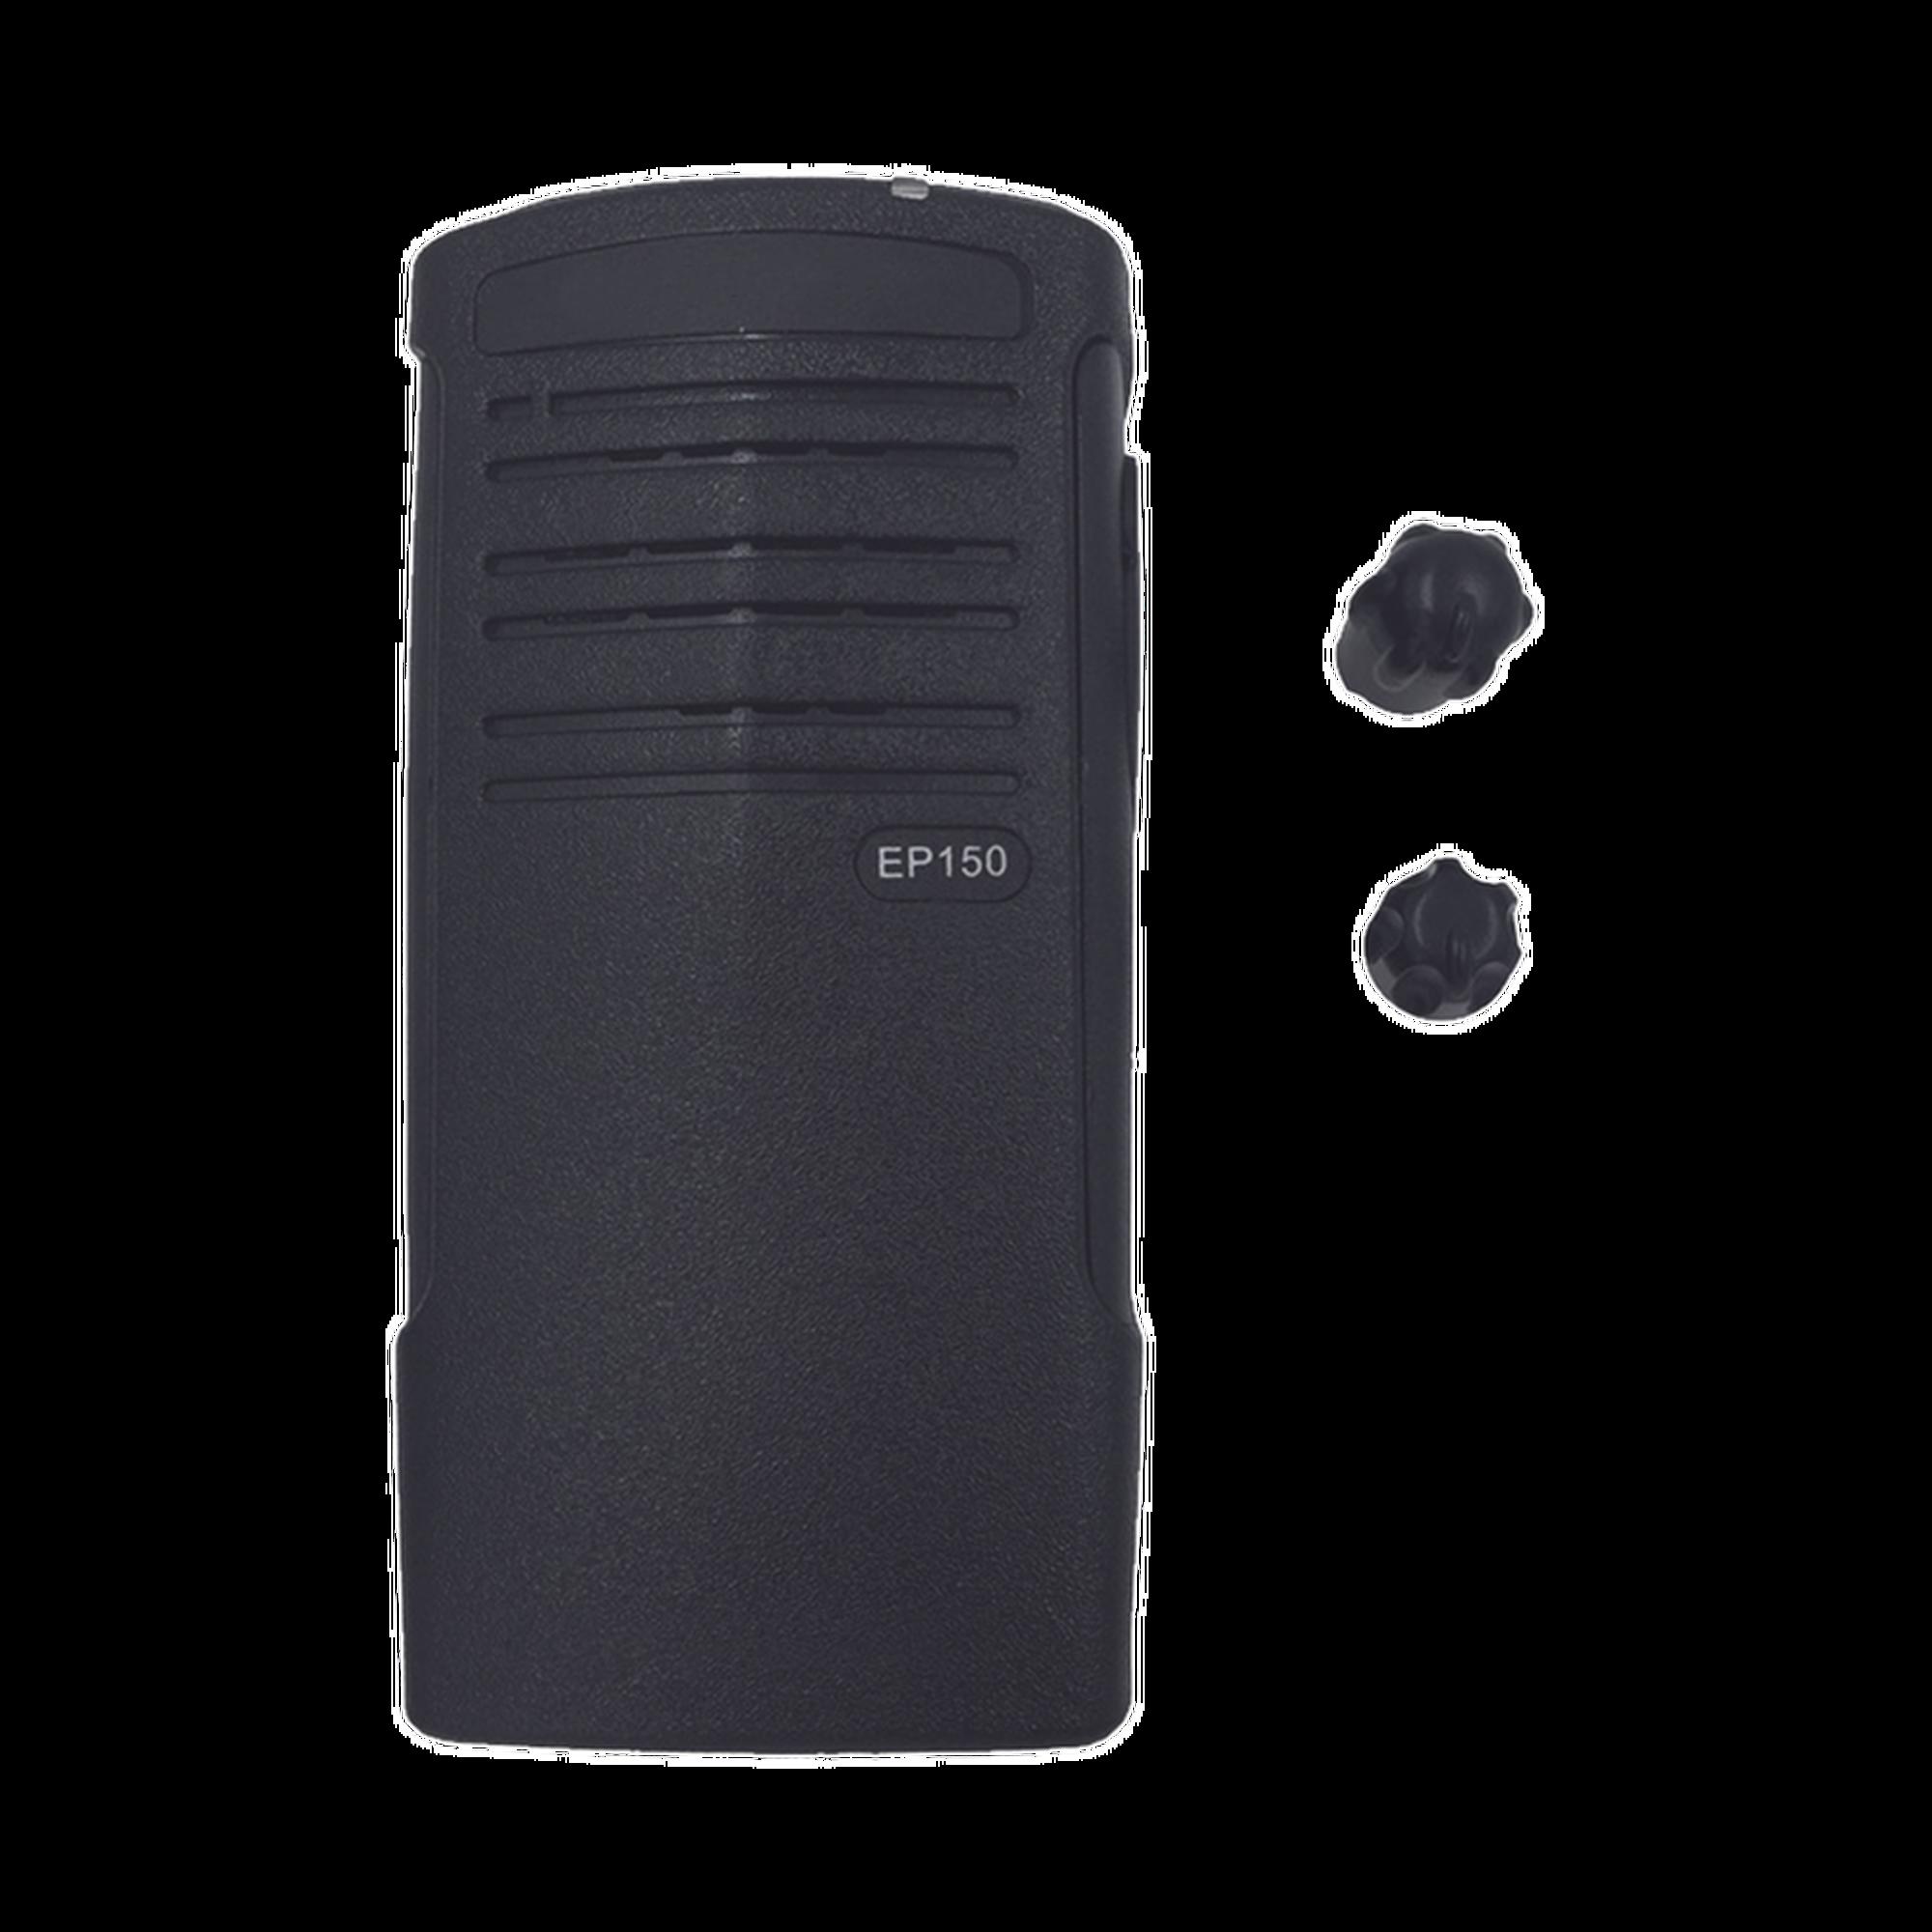 Carcasa de plástico para Radio Motorola EP150